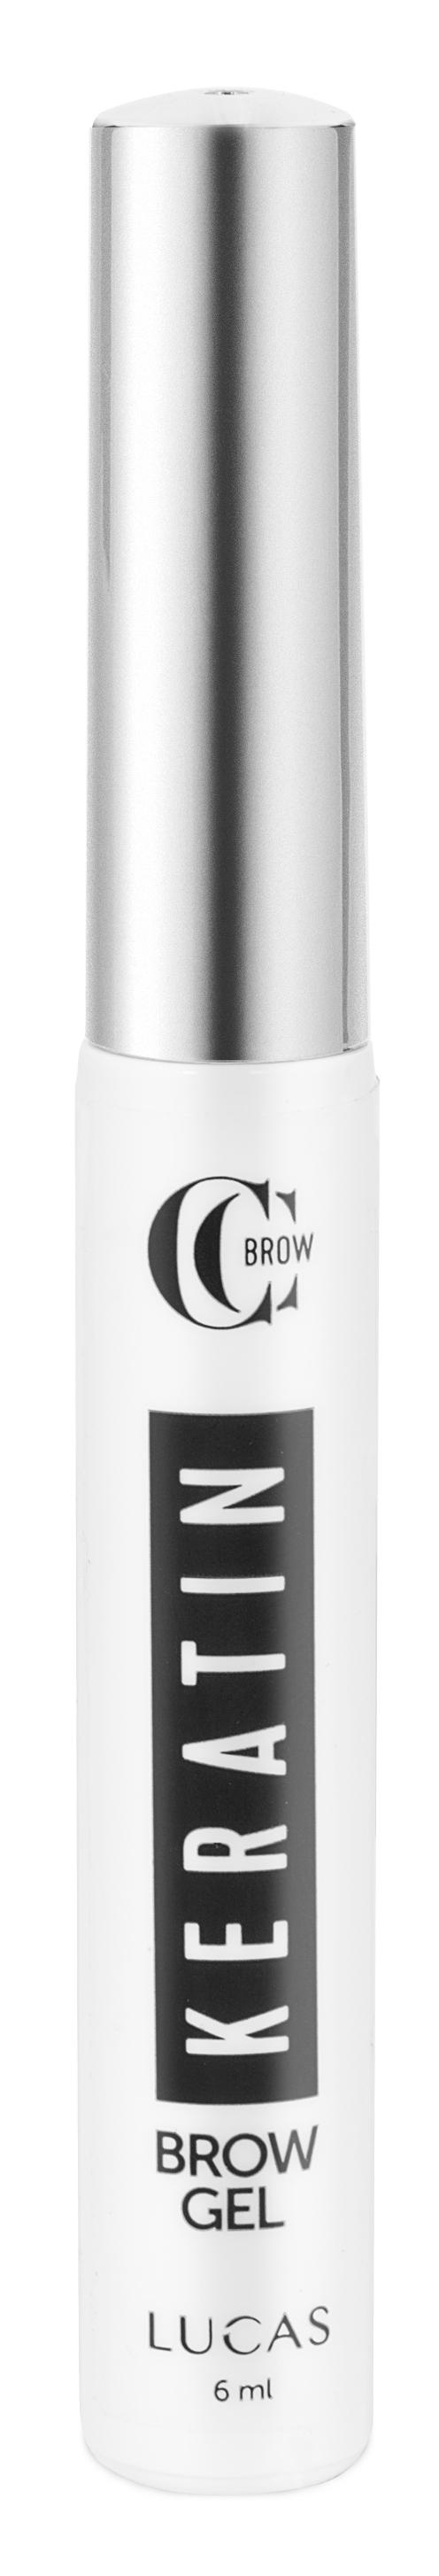 LUCAS' COSMETICS Гель с кератином для бровей / CC Brow Keratin brow gel 6 мл фото